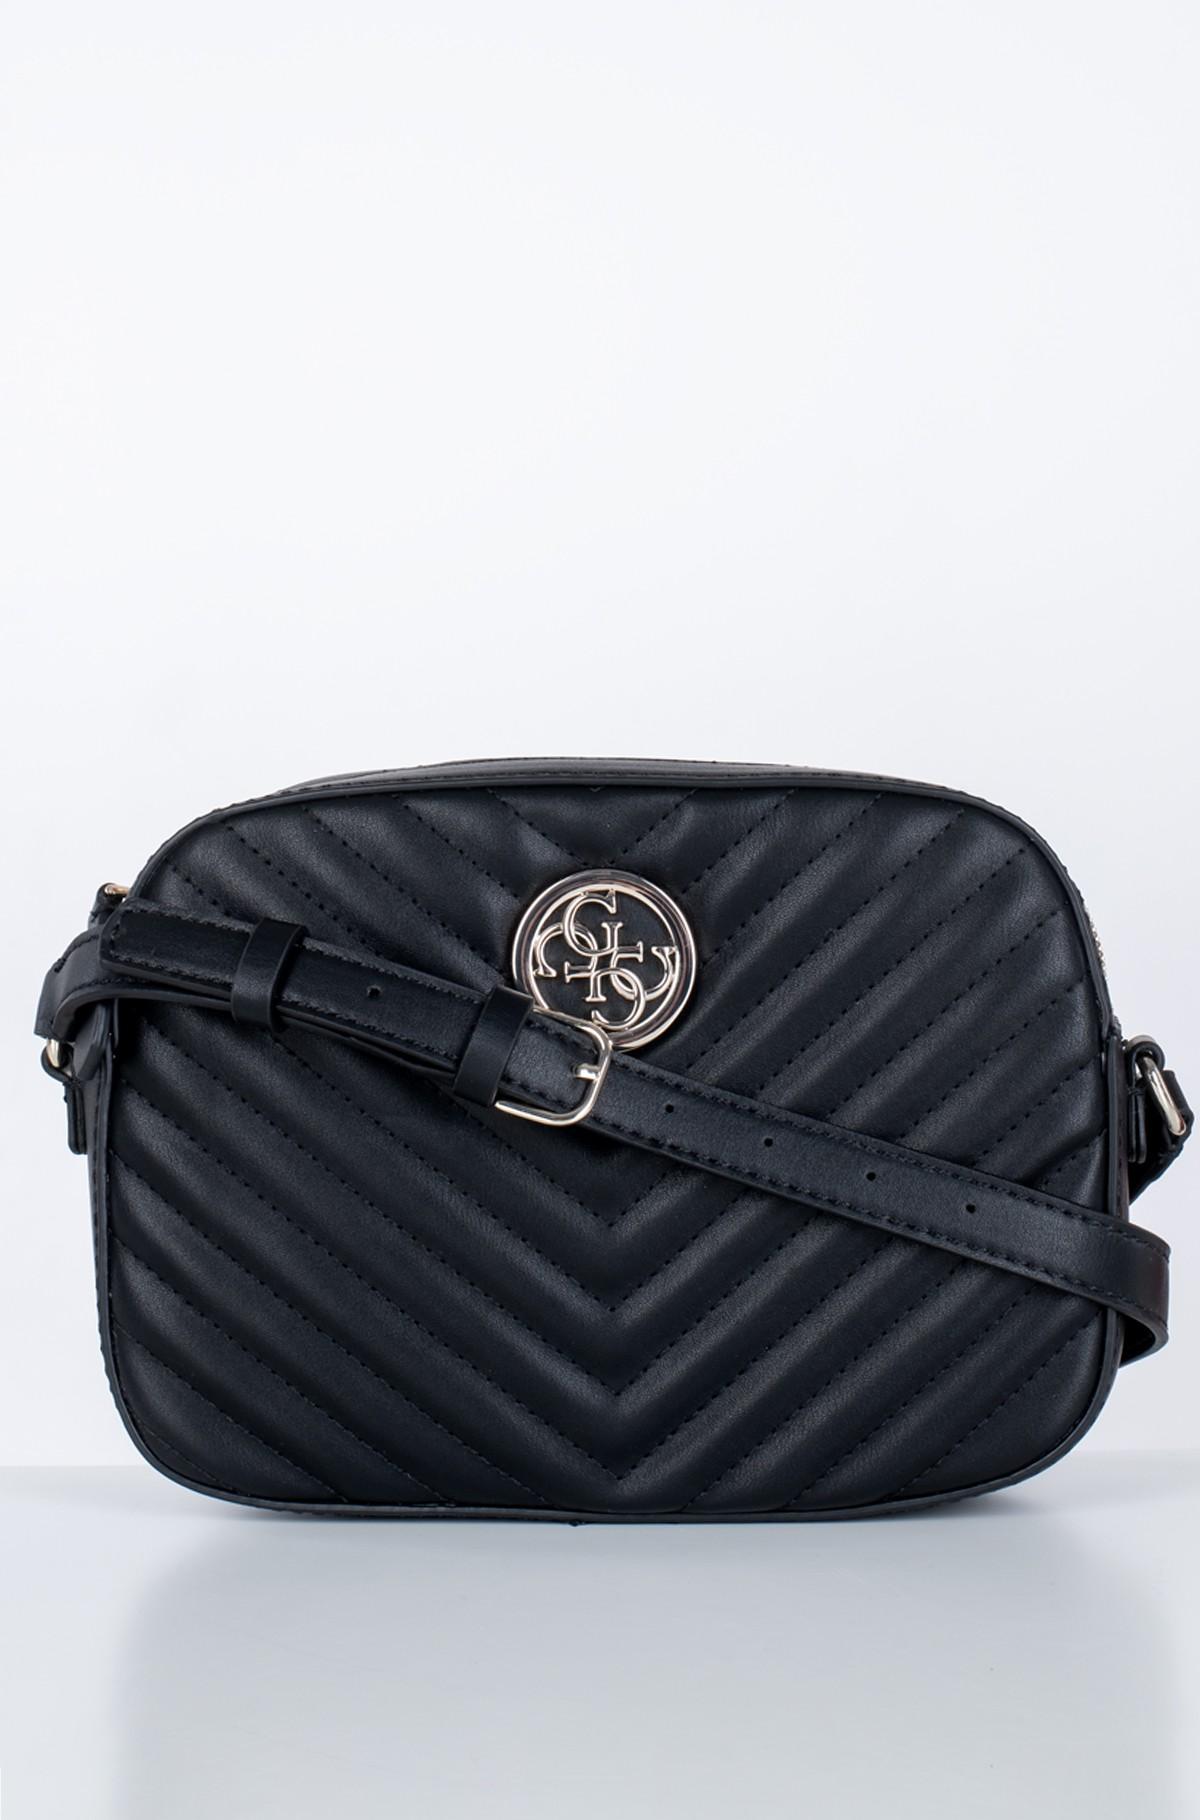 Shoulder bag HWBQ66 91120-full-1